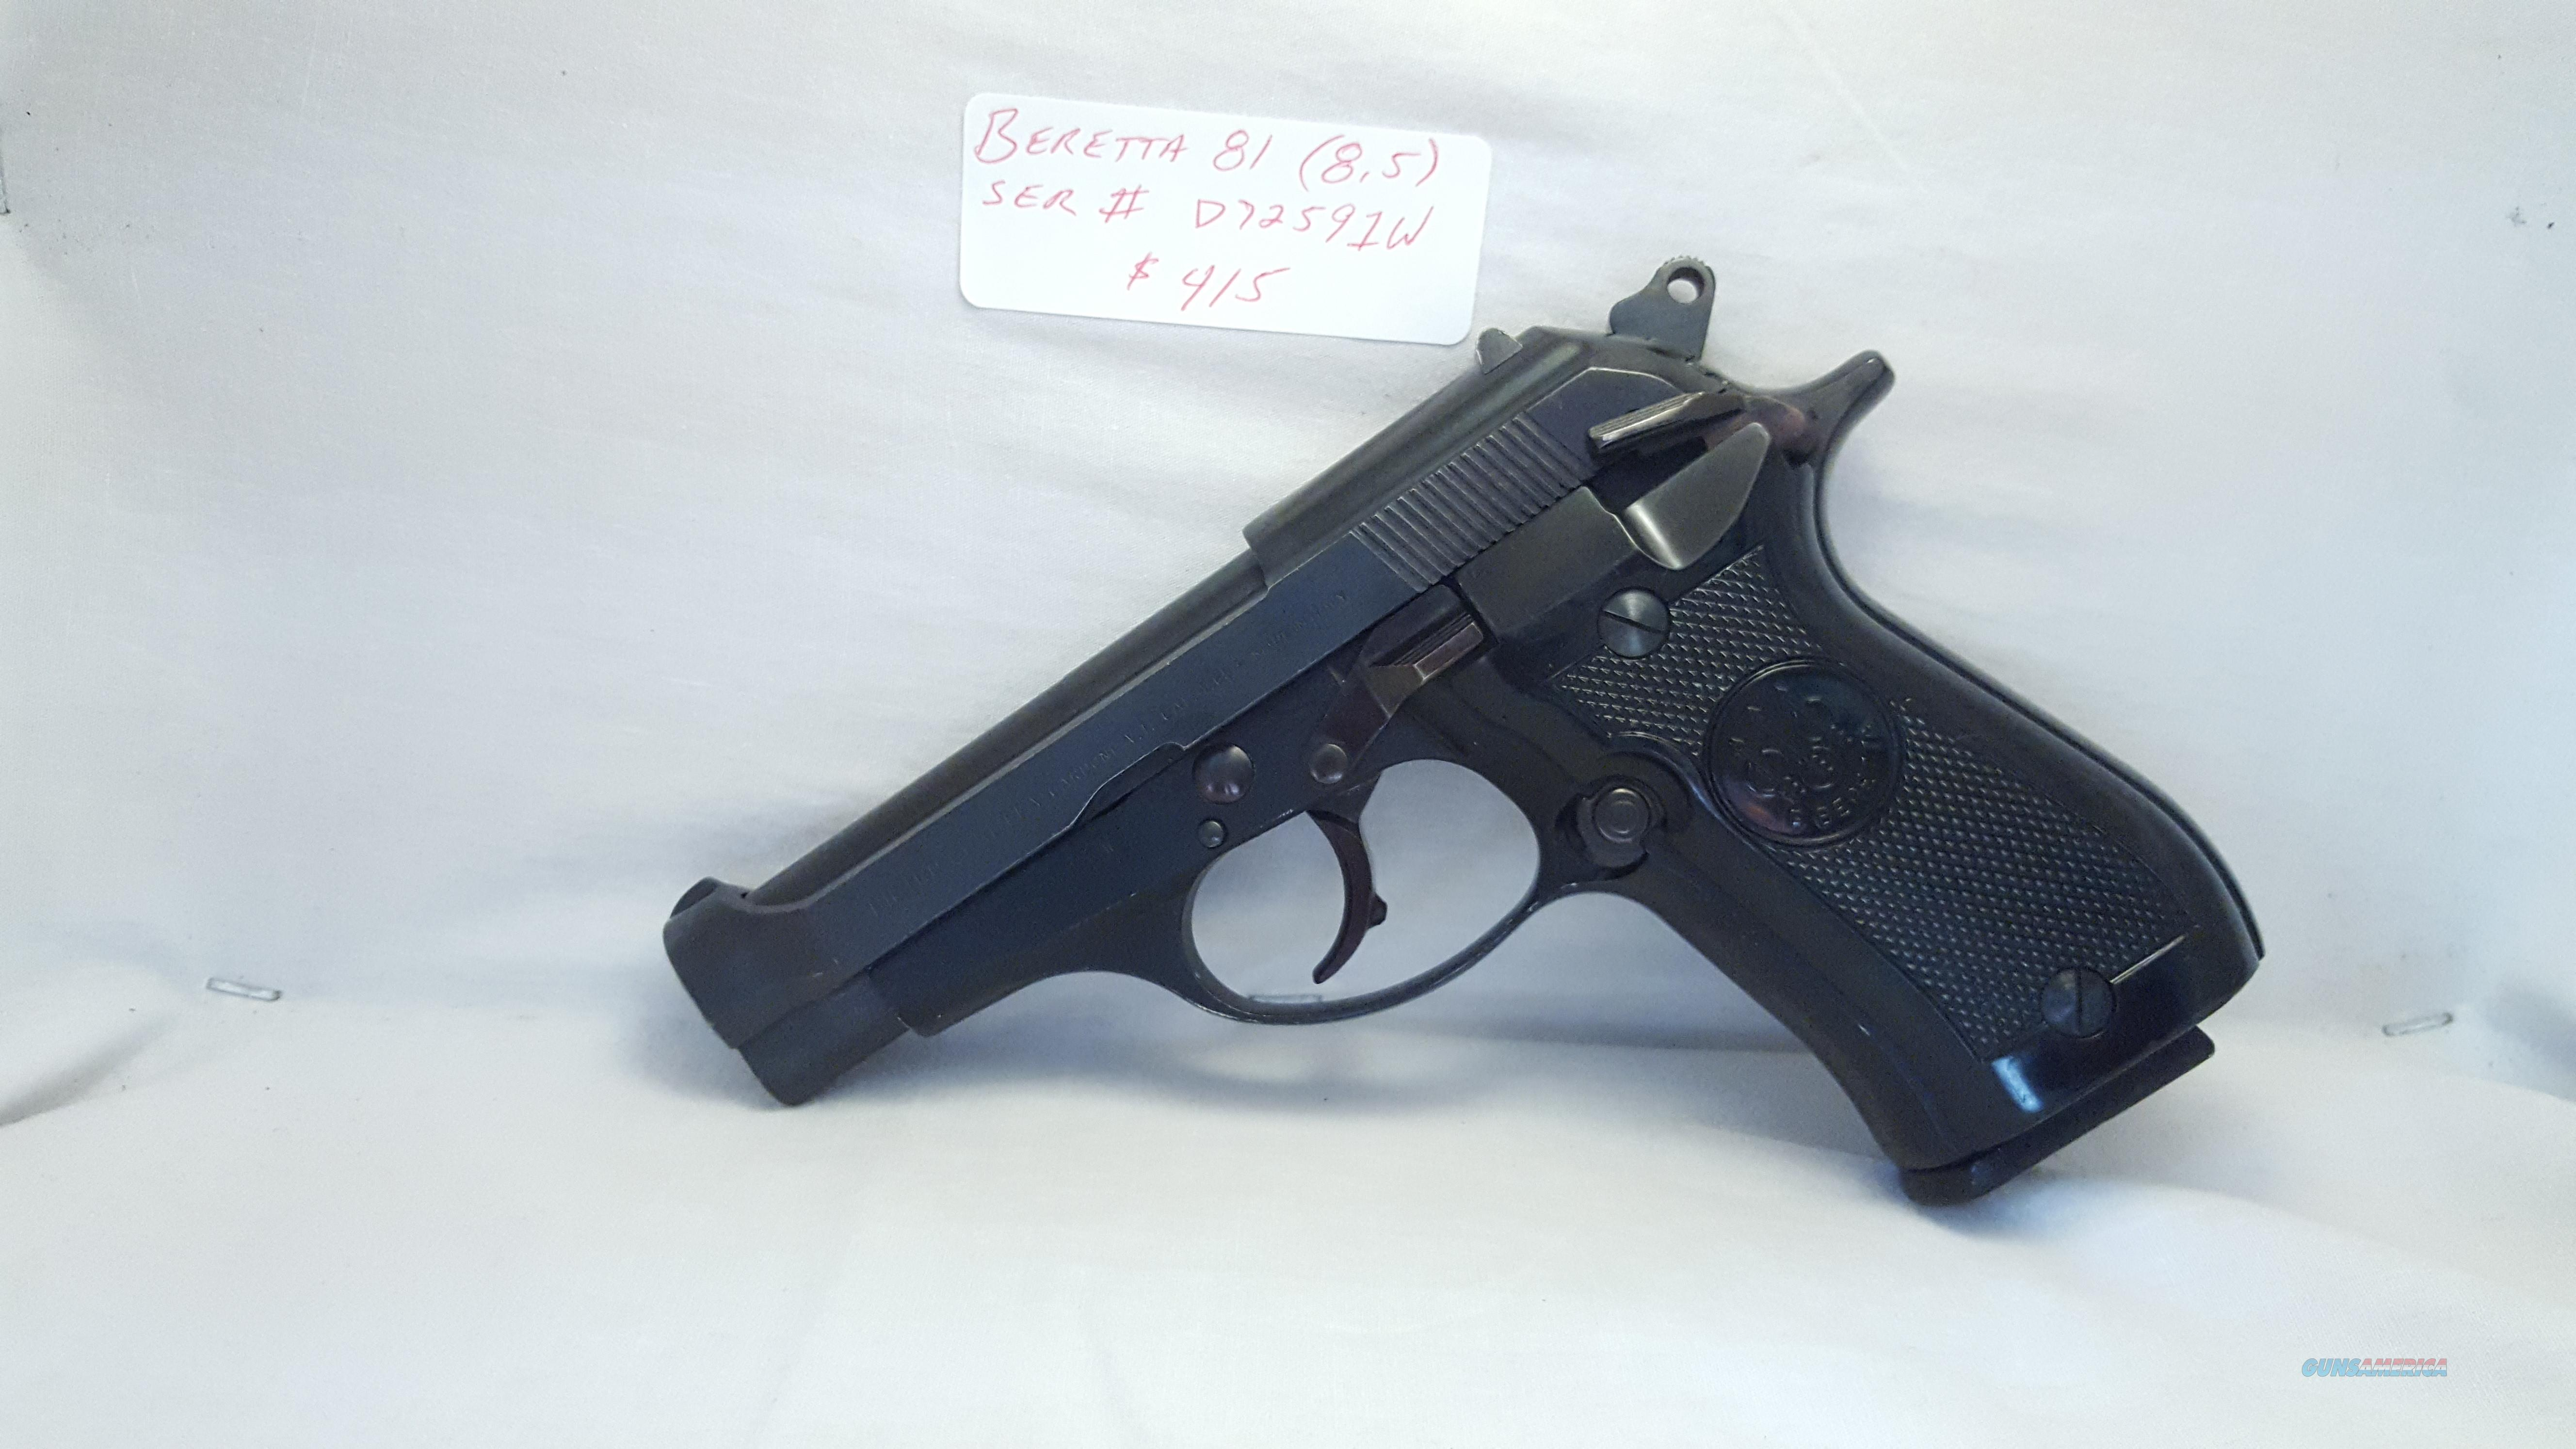 Beretta 81 $380 Free Shipping! No CC Fees! Cheetah  Guns > Pistols > Beretta Pistols > Cheetah Series > Model 81